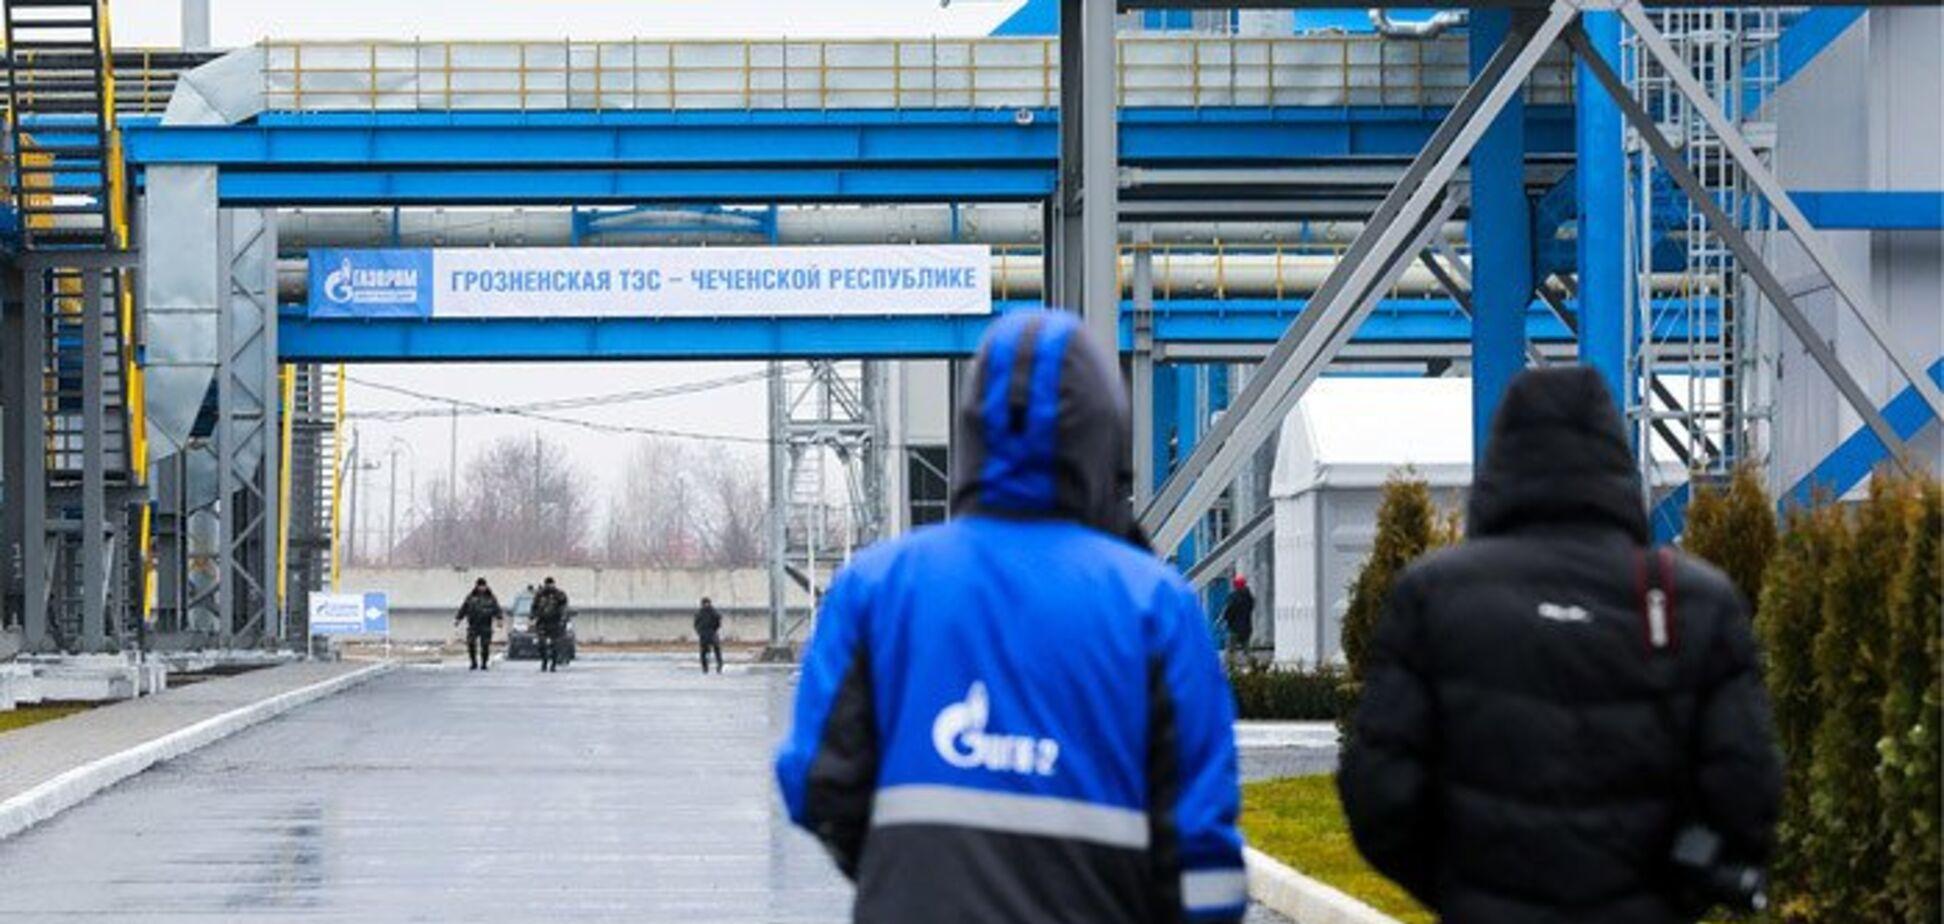 Чечні списали 9 млрд боргів: у Росії розгорівся скандал